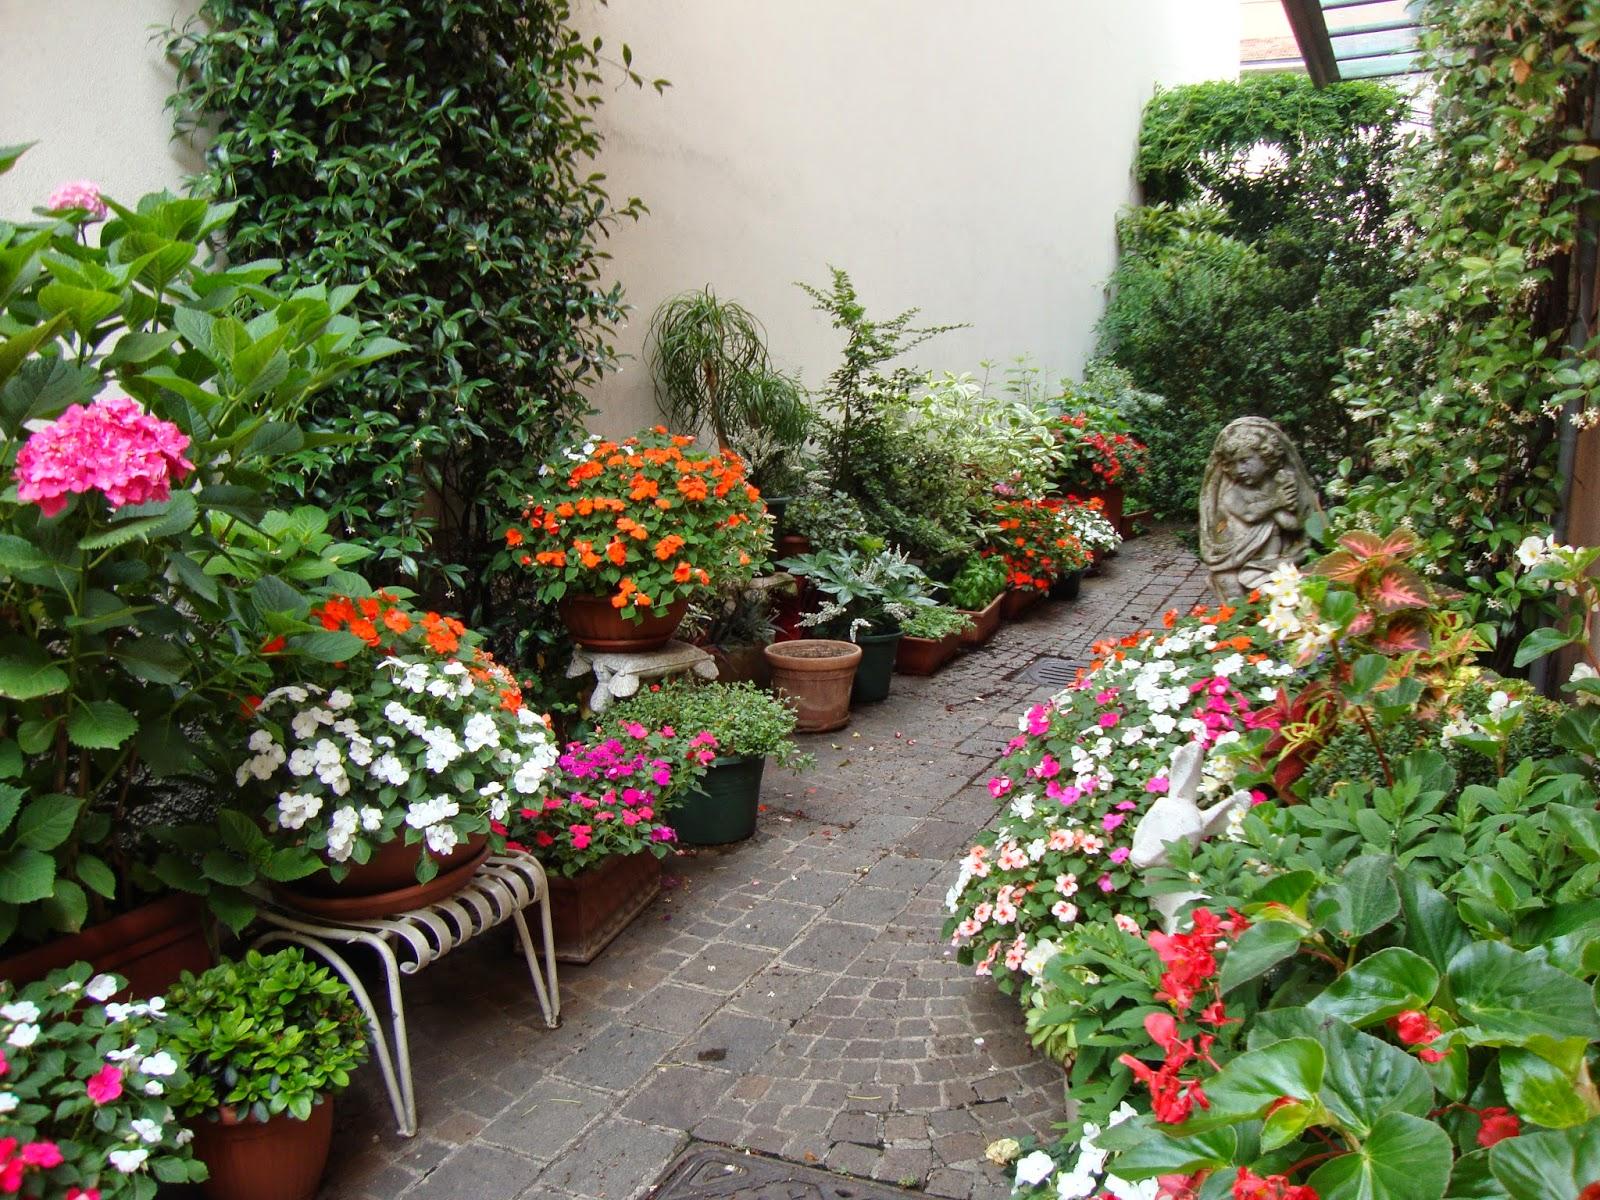 Un piccolo giardino in città: Un piccolo giardino in vasi...un anno dopo!